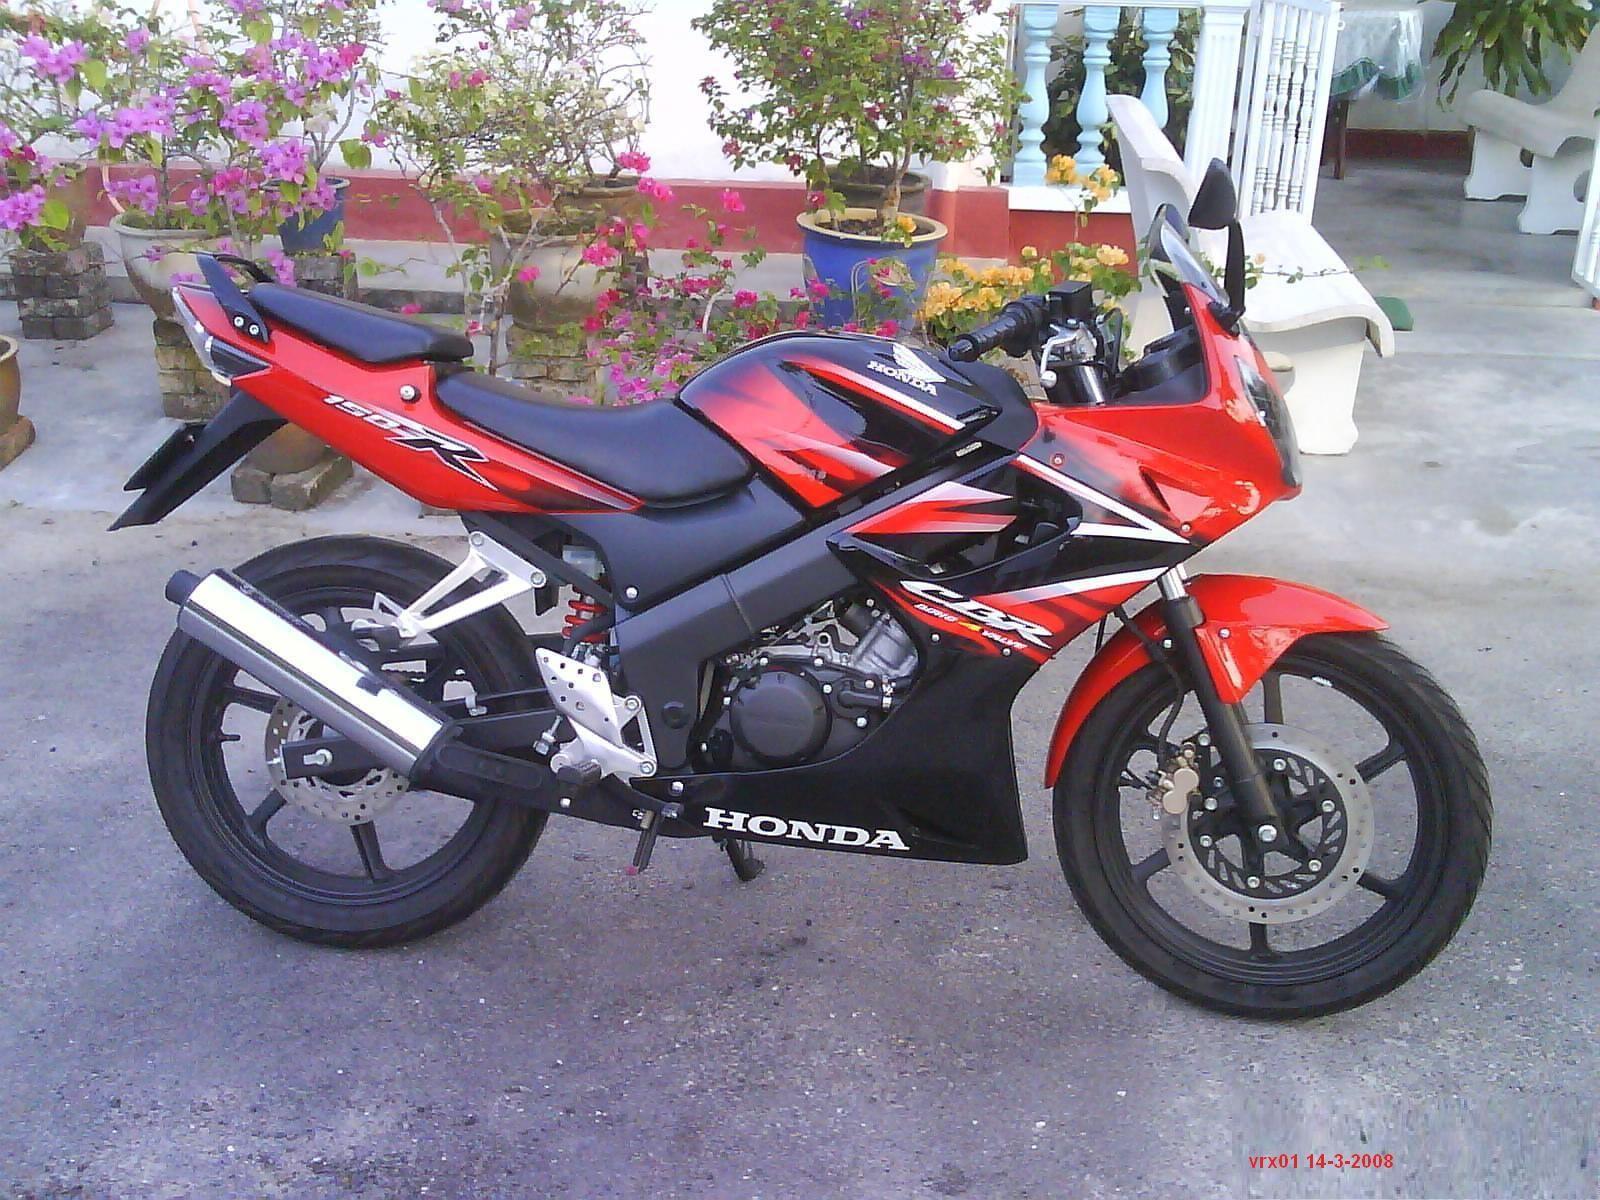 Modifikasi Motor Cbr 150r Thailand Di 2020 Motor Motor Sport Motor Mobil